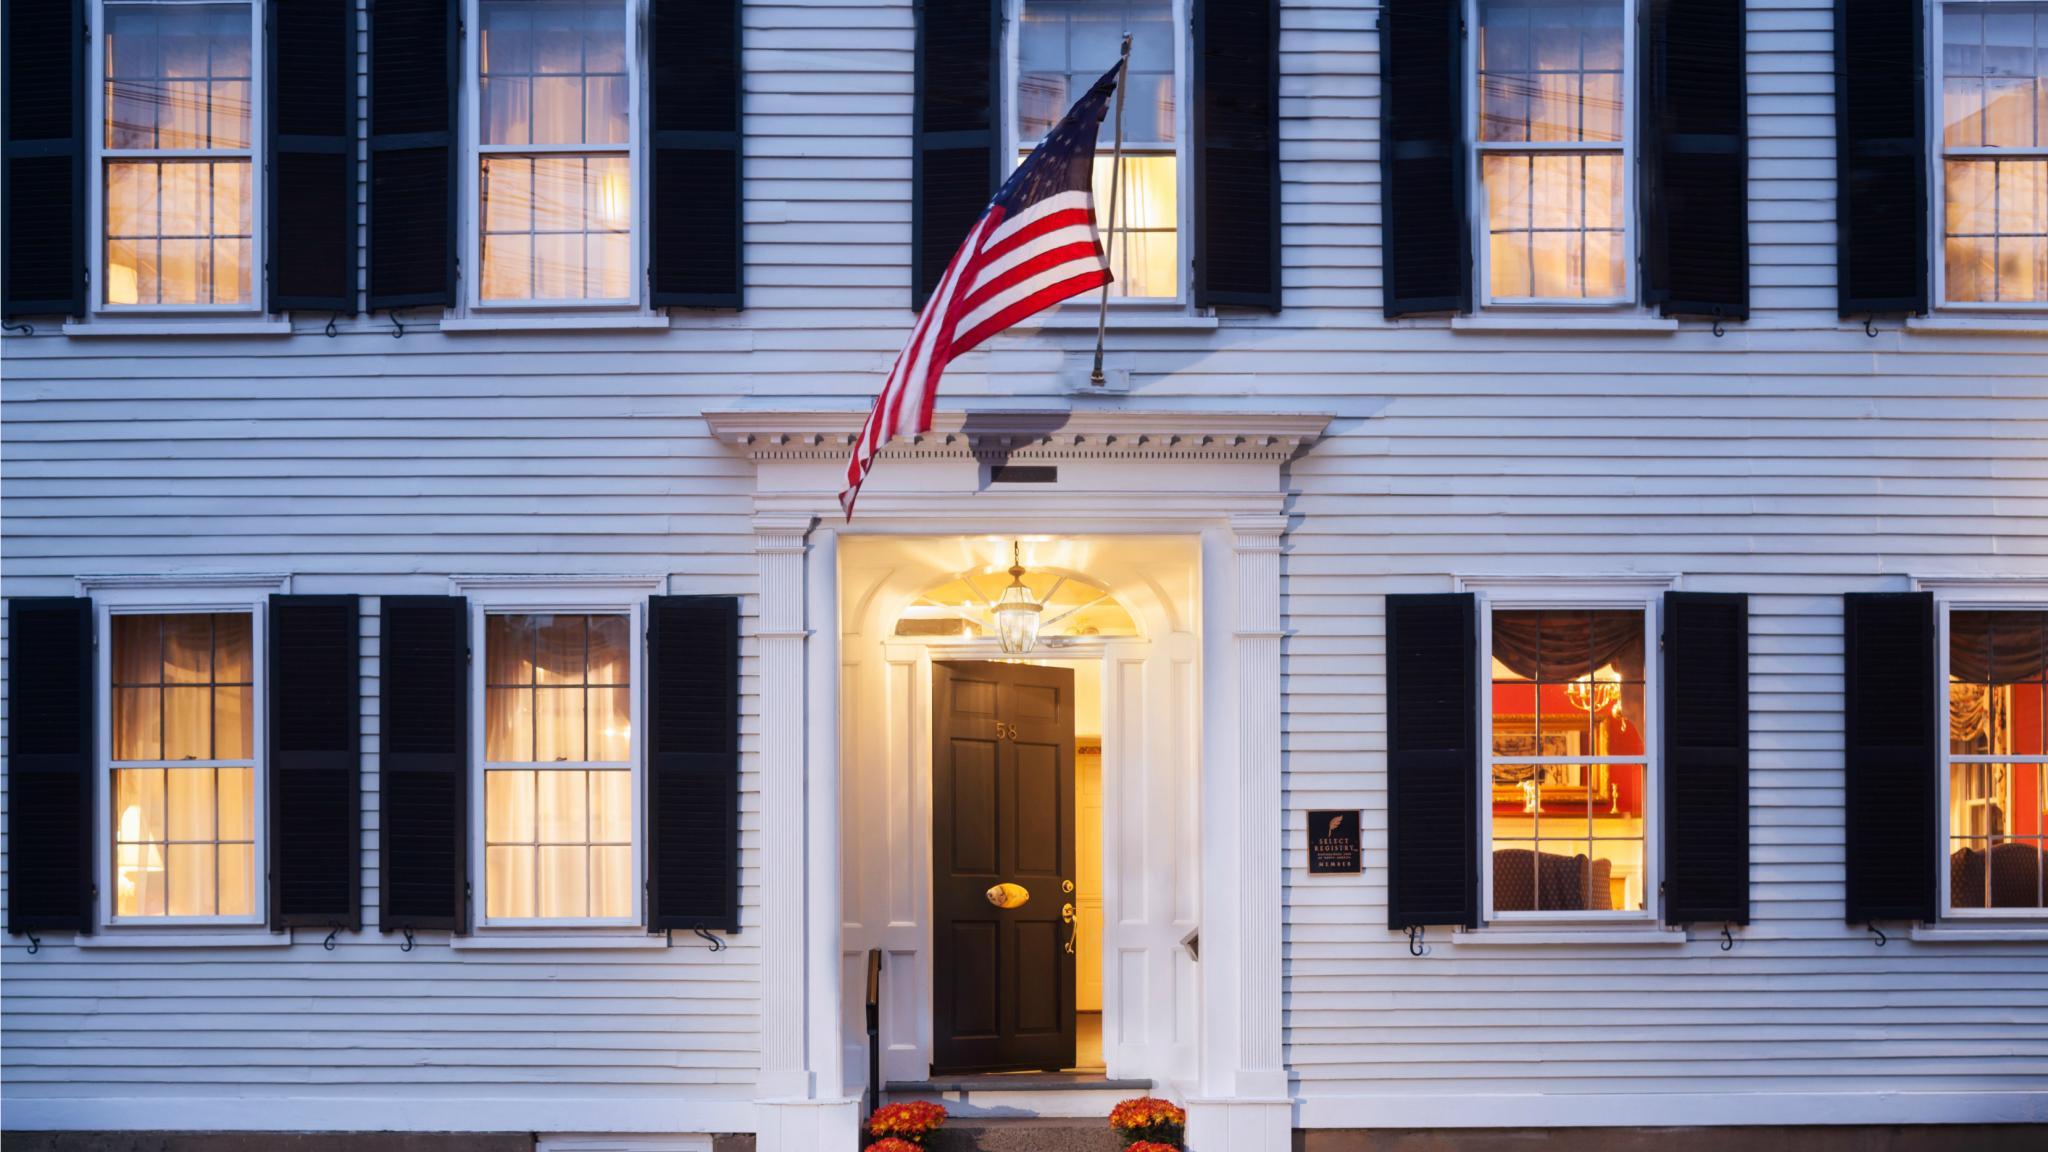 Lovely Harbor Light Inn Design